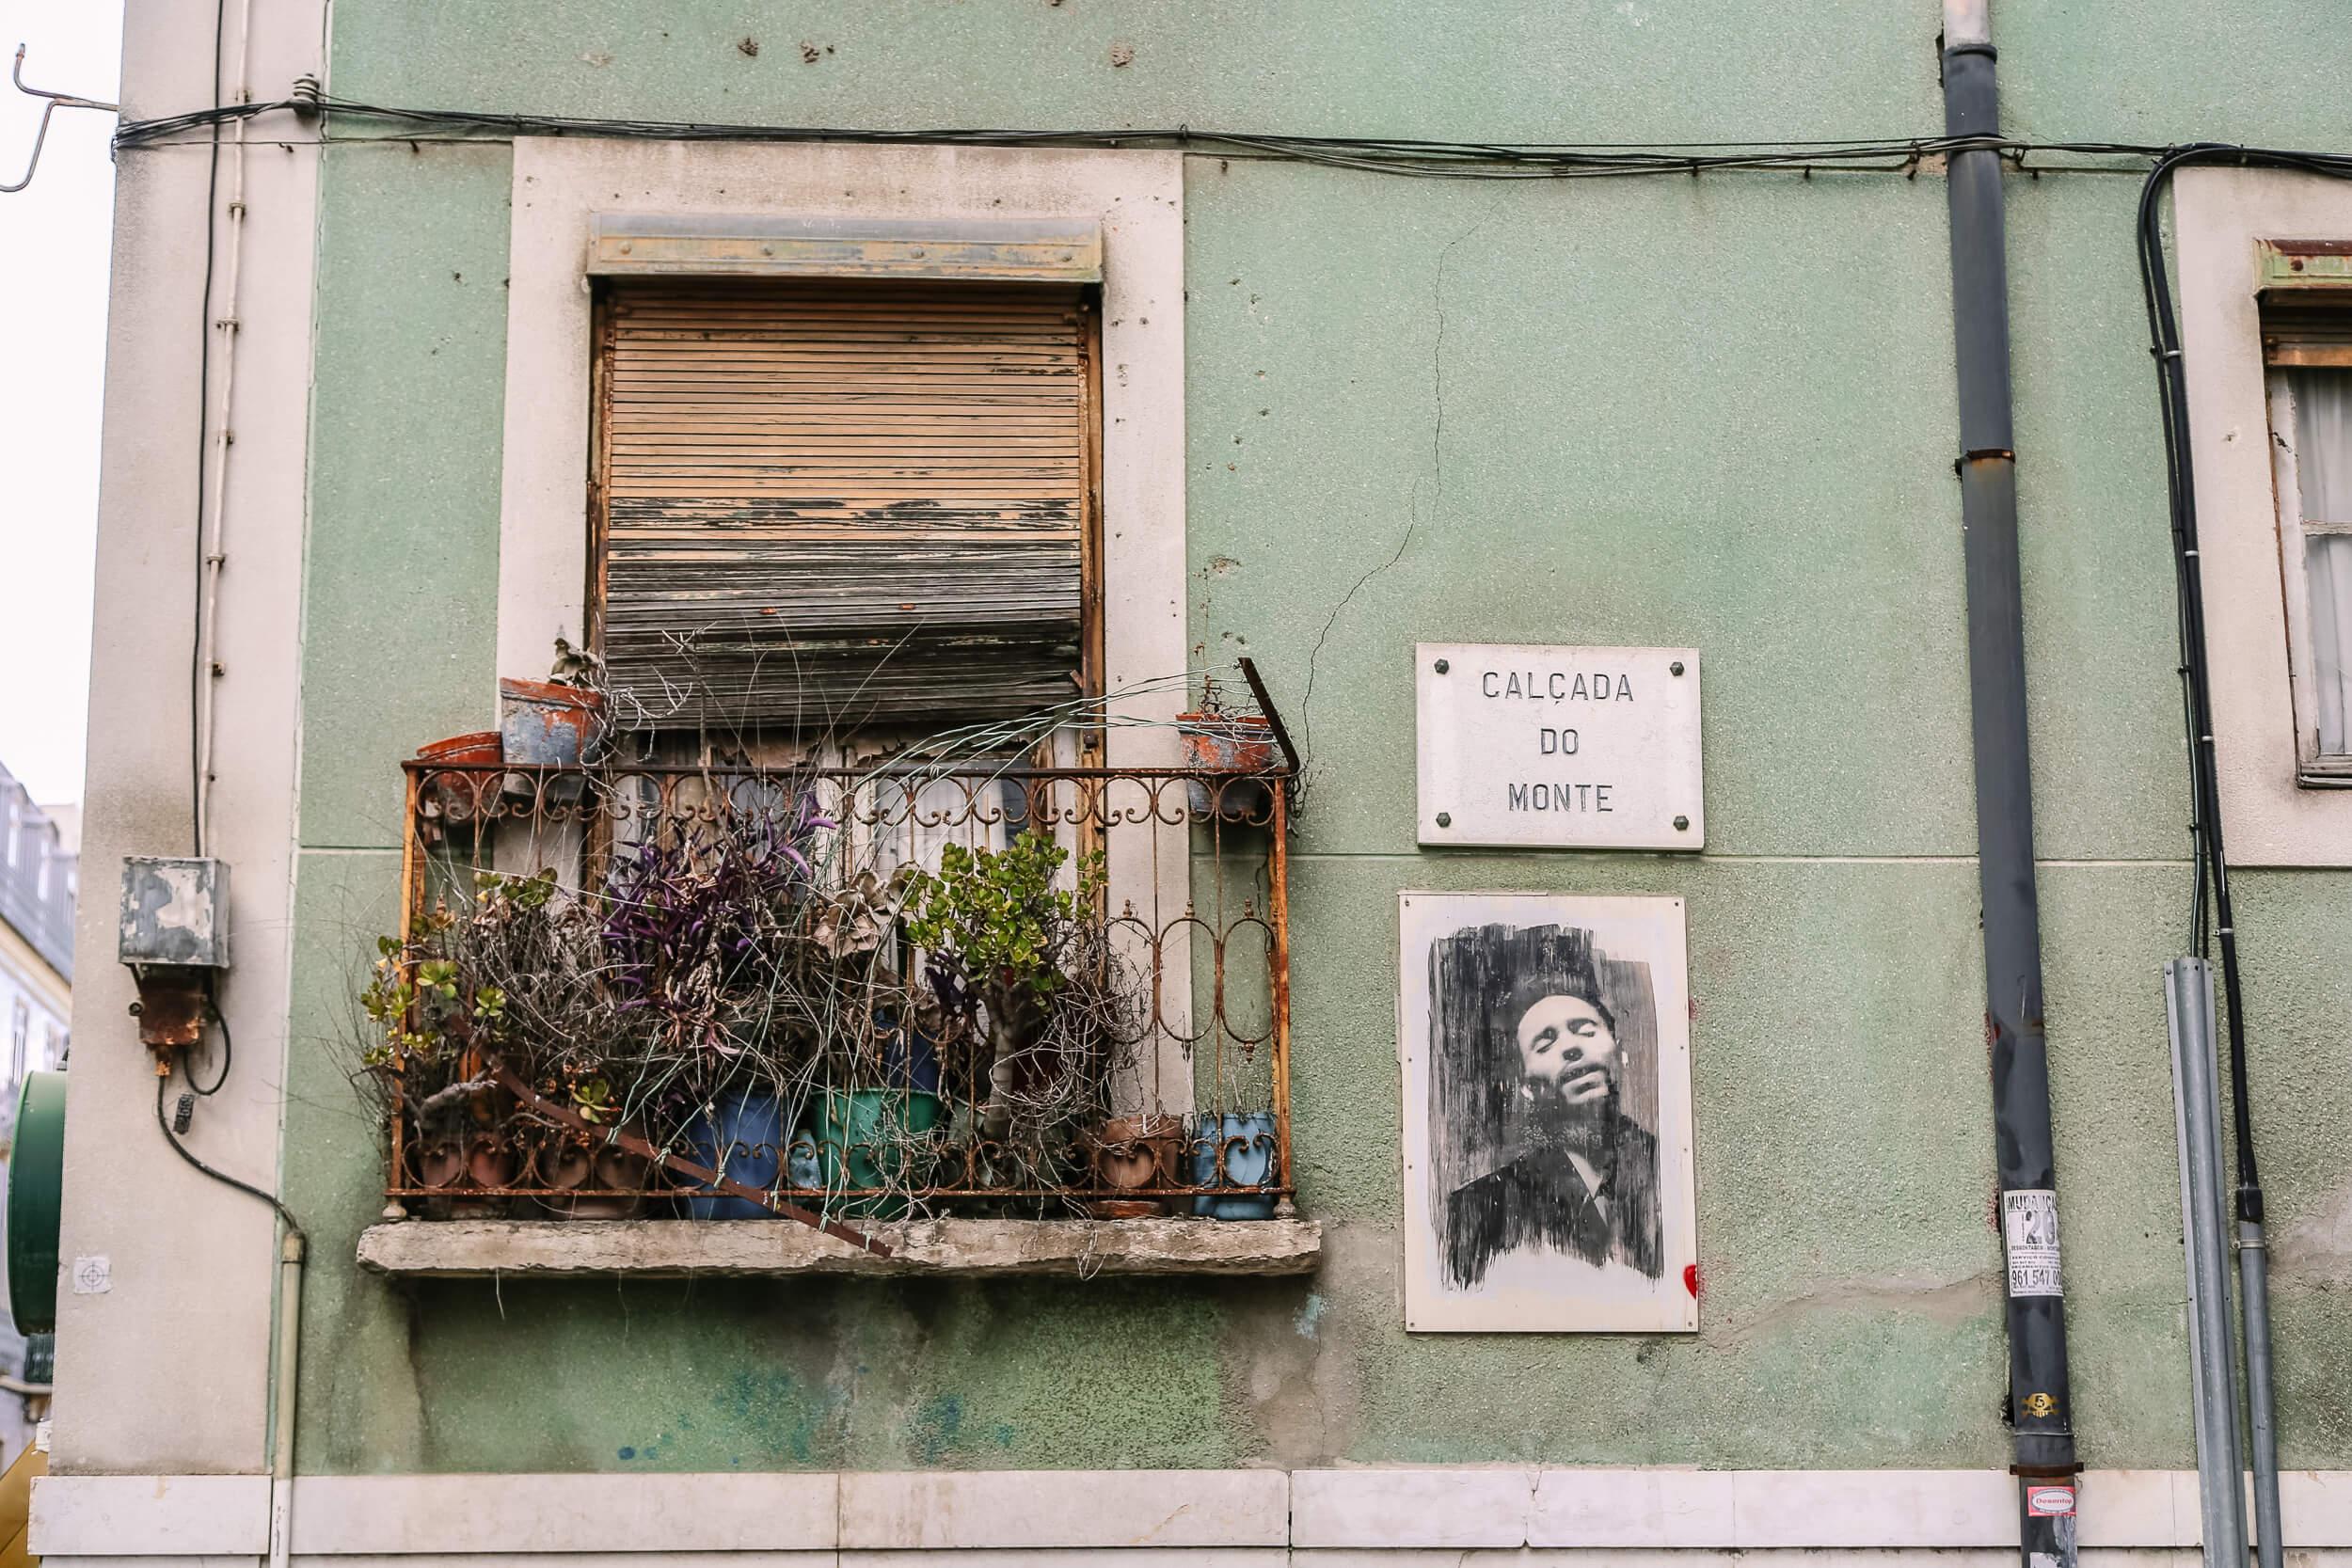 Lisbon street sign